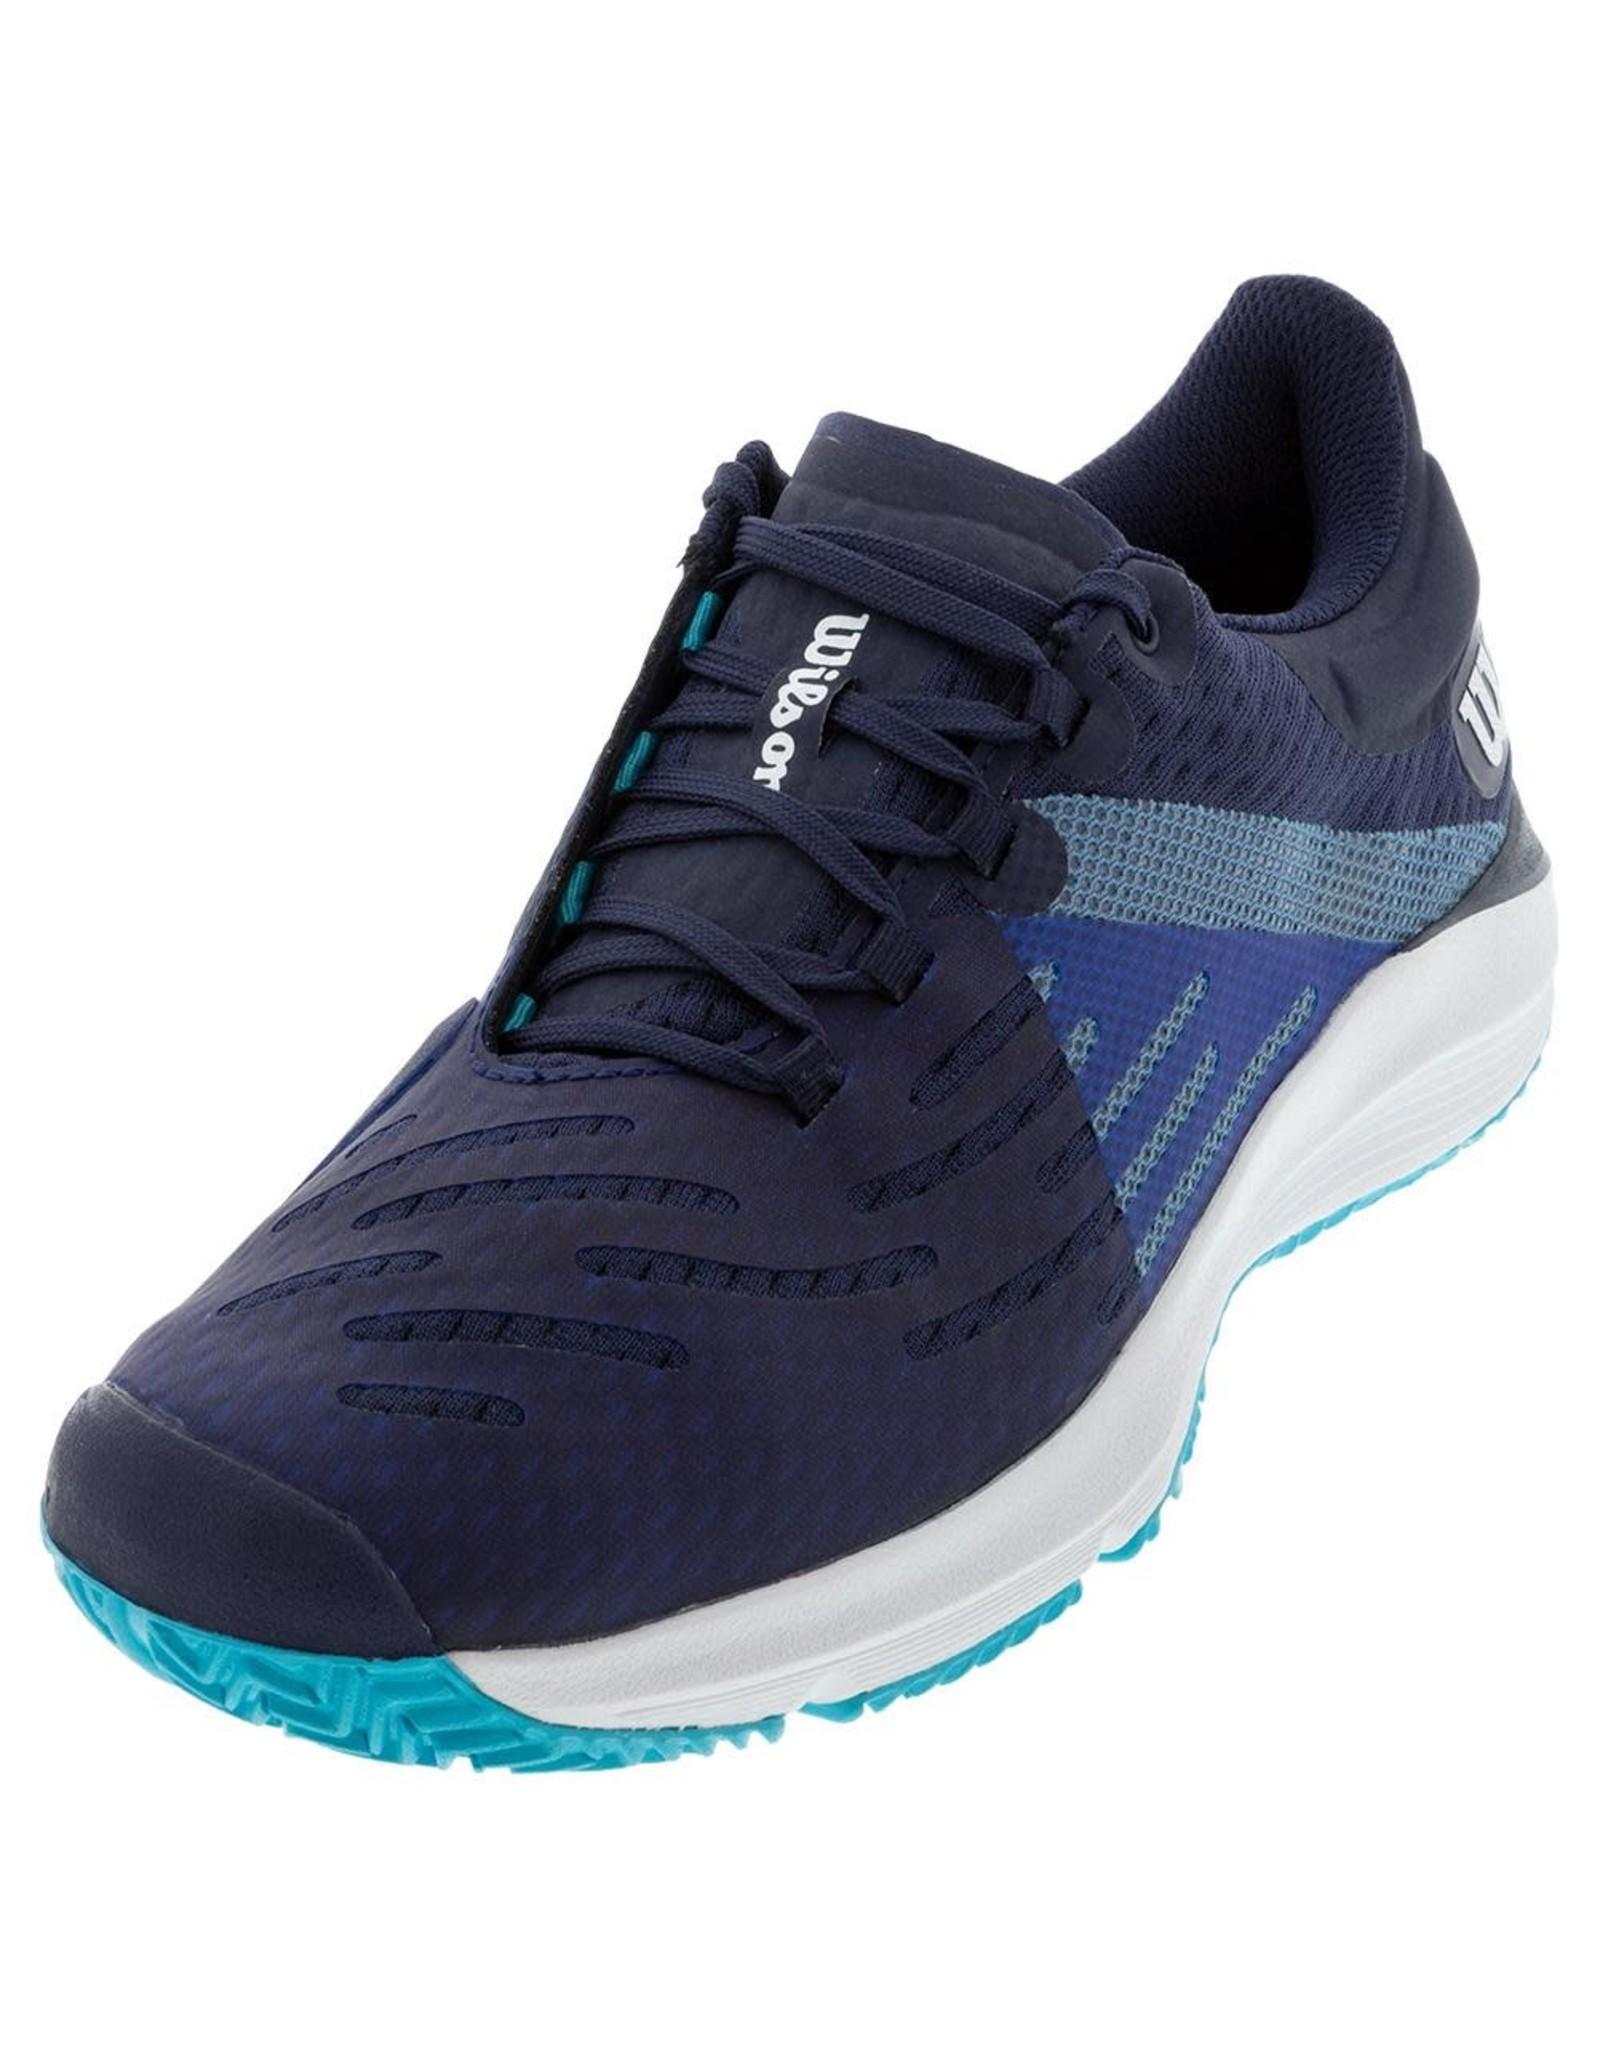 Wilson Wilson Kaos 3.0 Men's Shoe